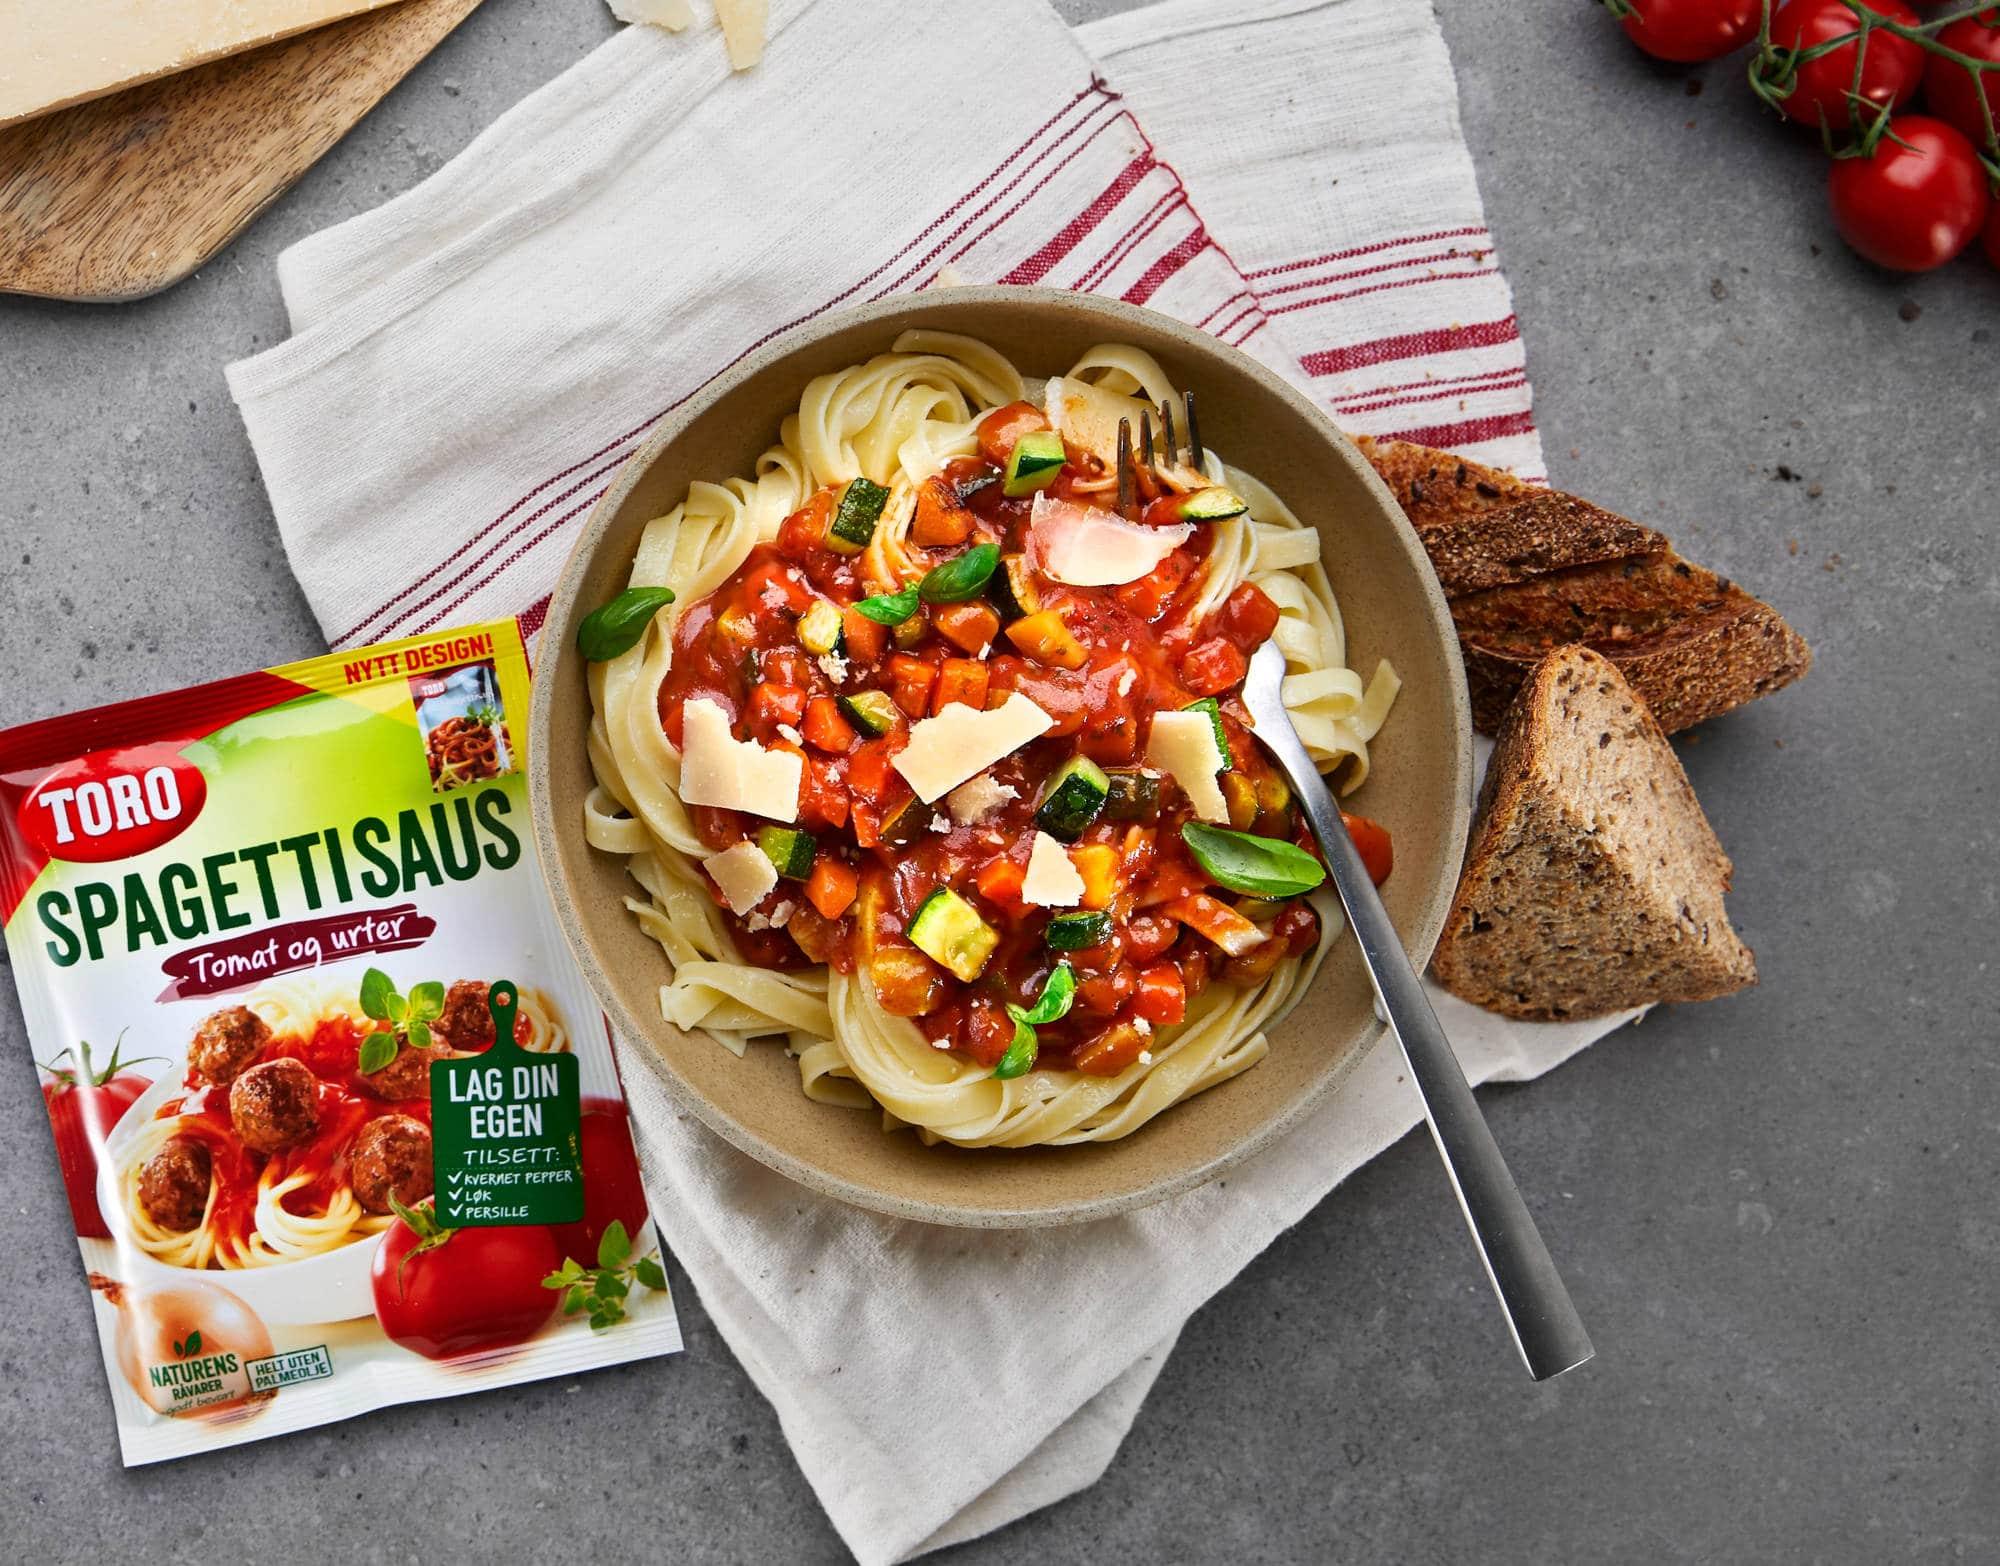 Bilde av spaghetti med tomatsaus, squash og gulrot